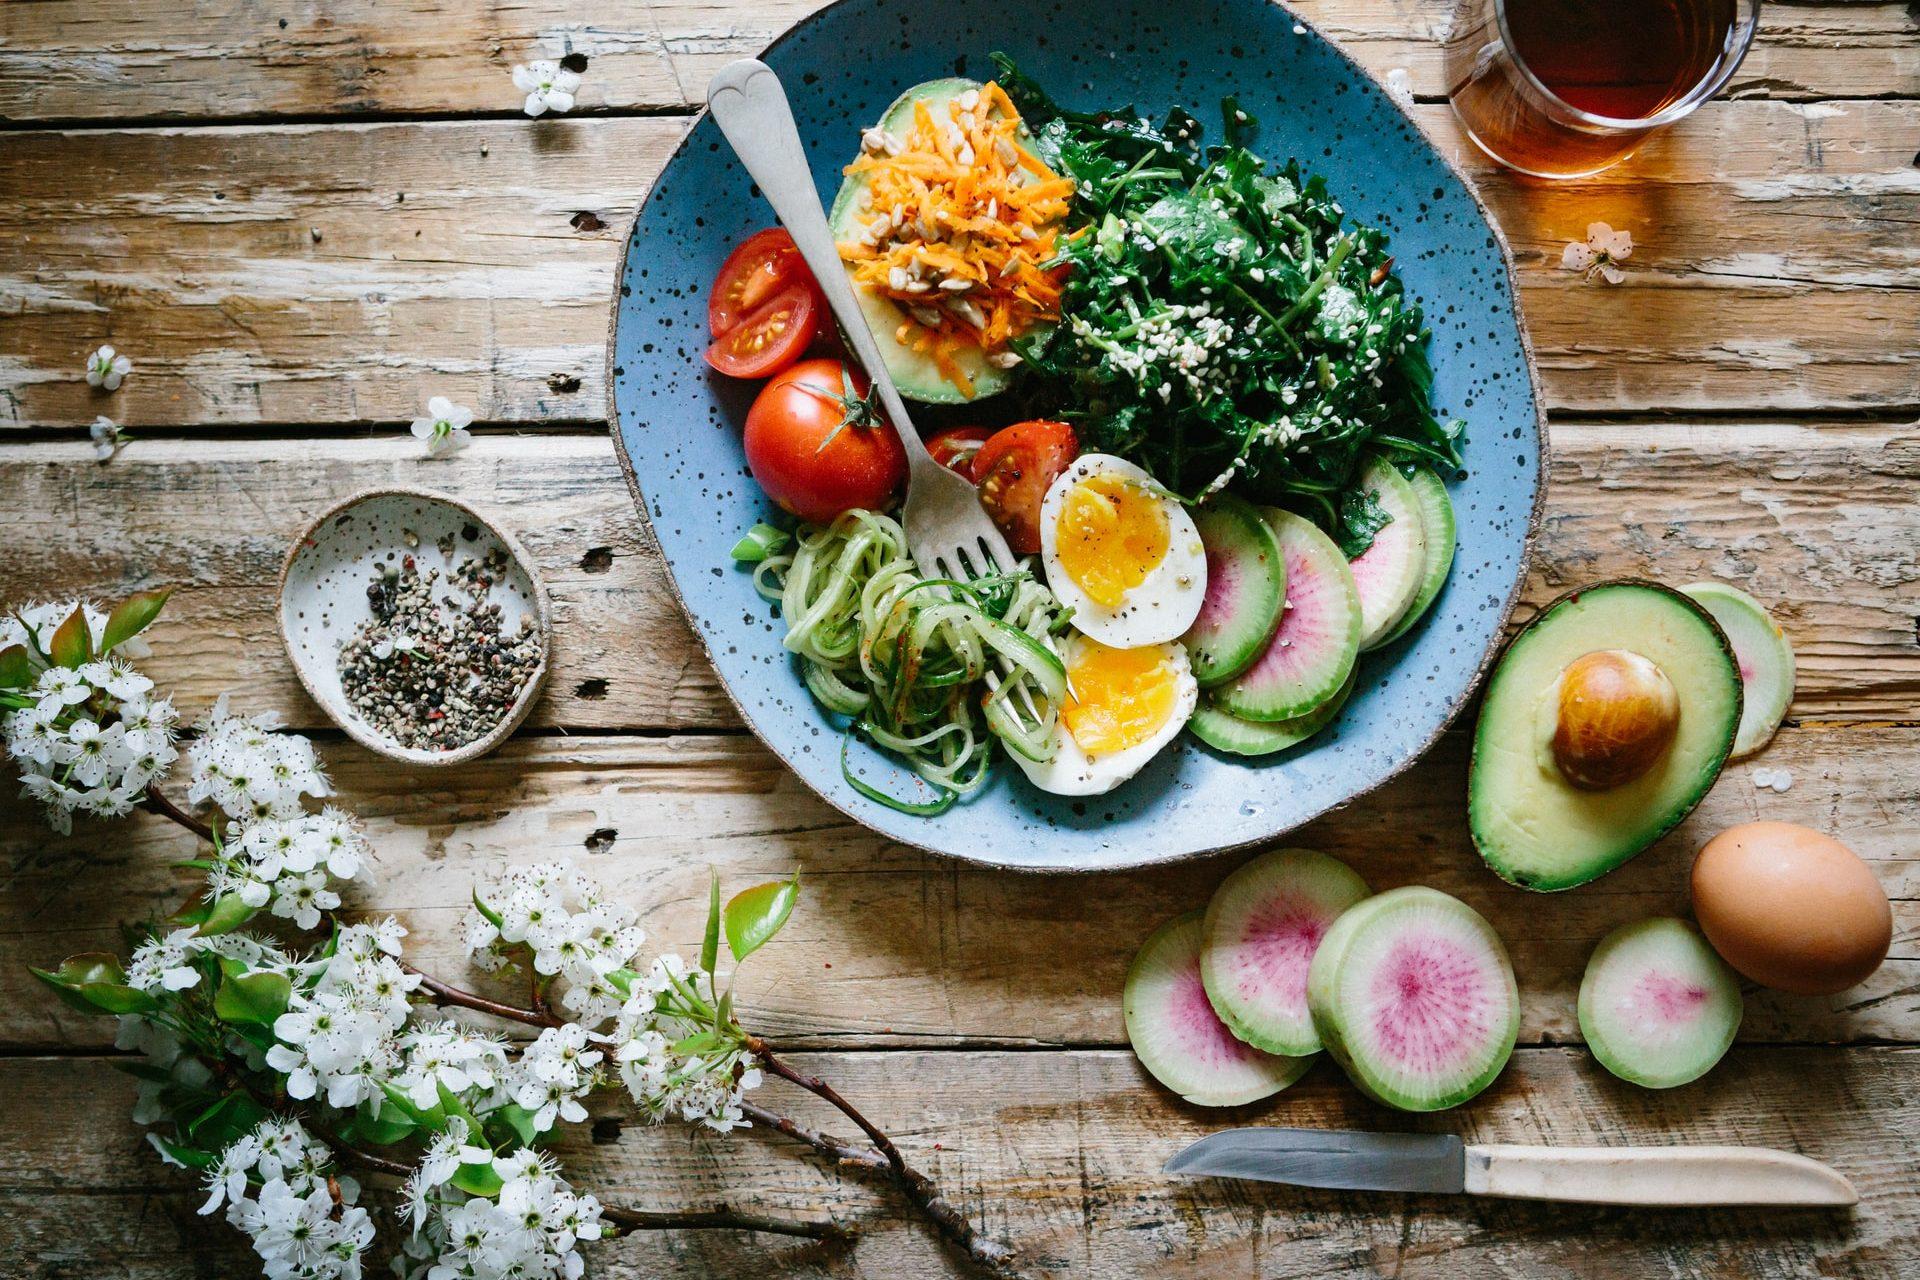 блоги с вкусными и полезными рецептами